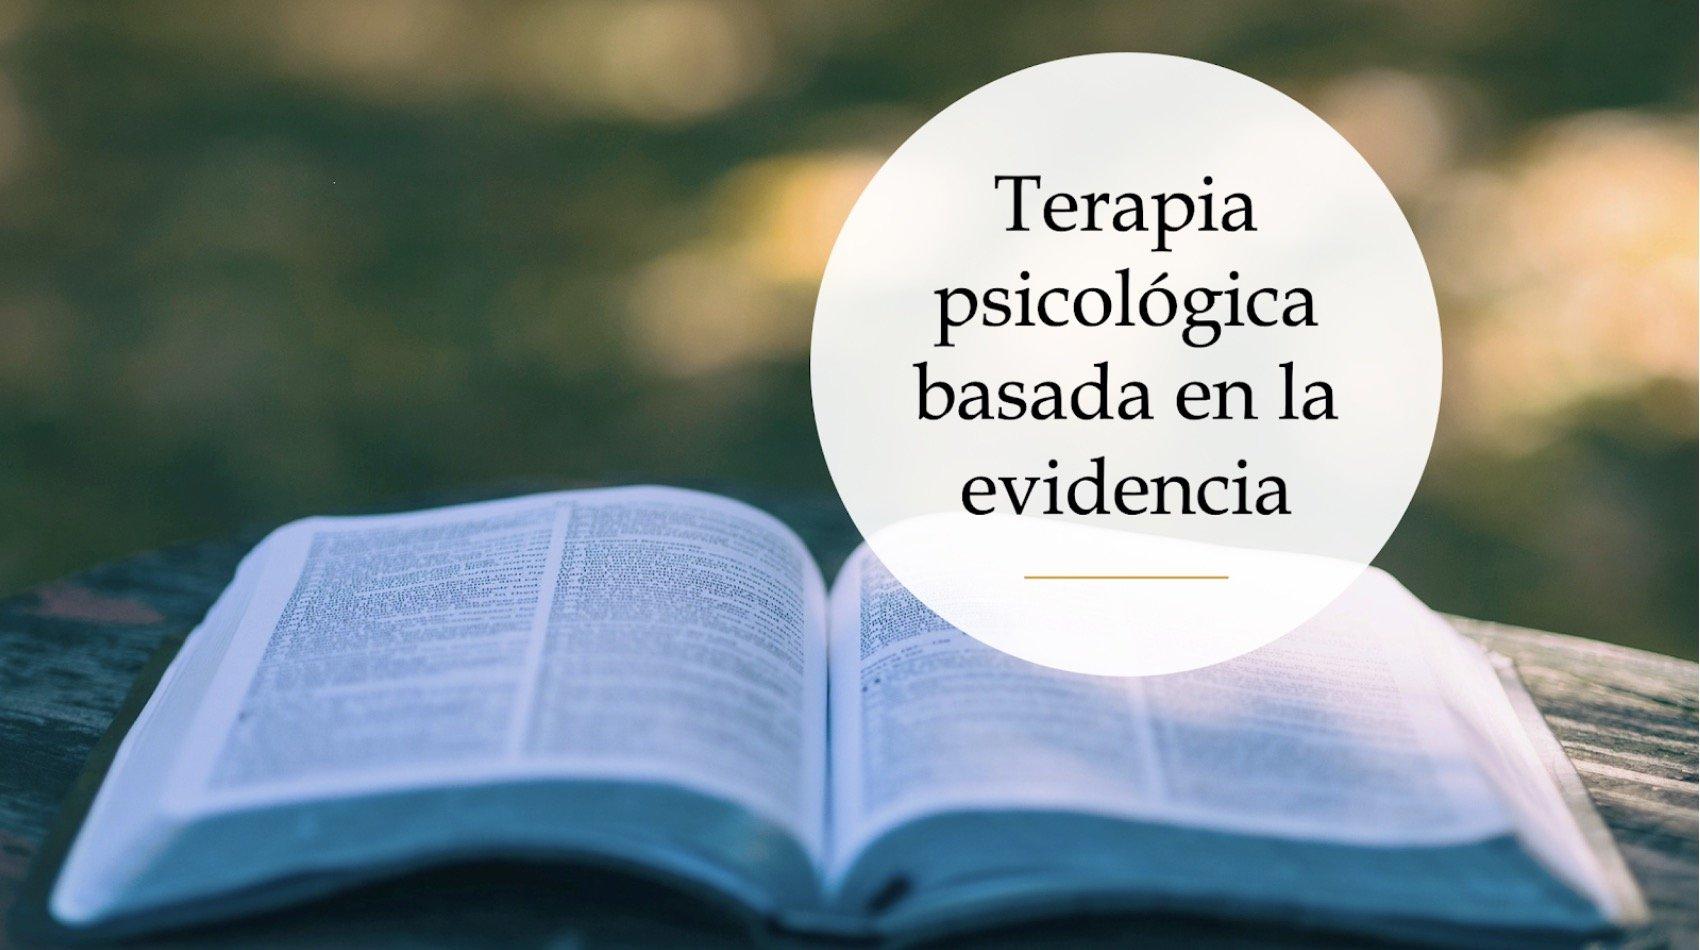 02-terapia-psicologica-basada-en-la-evidencia